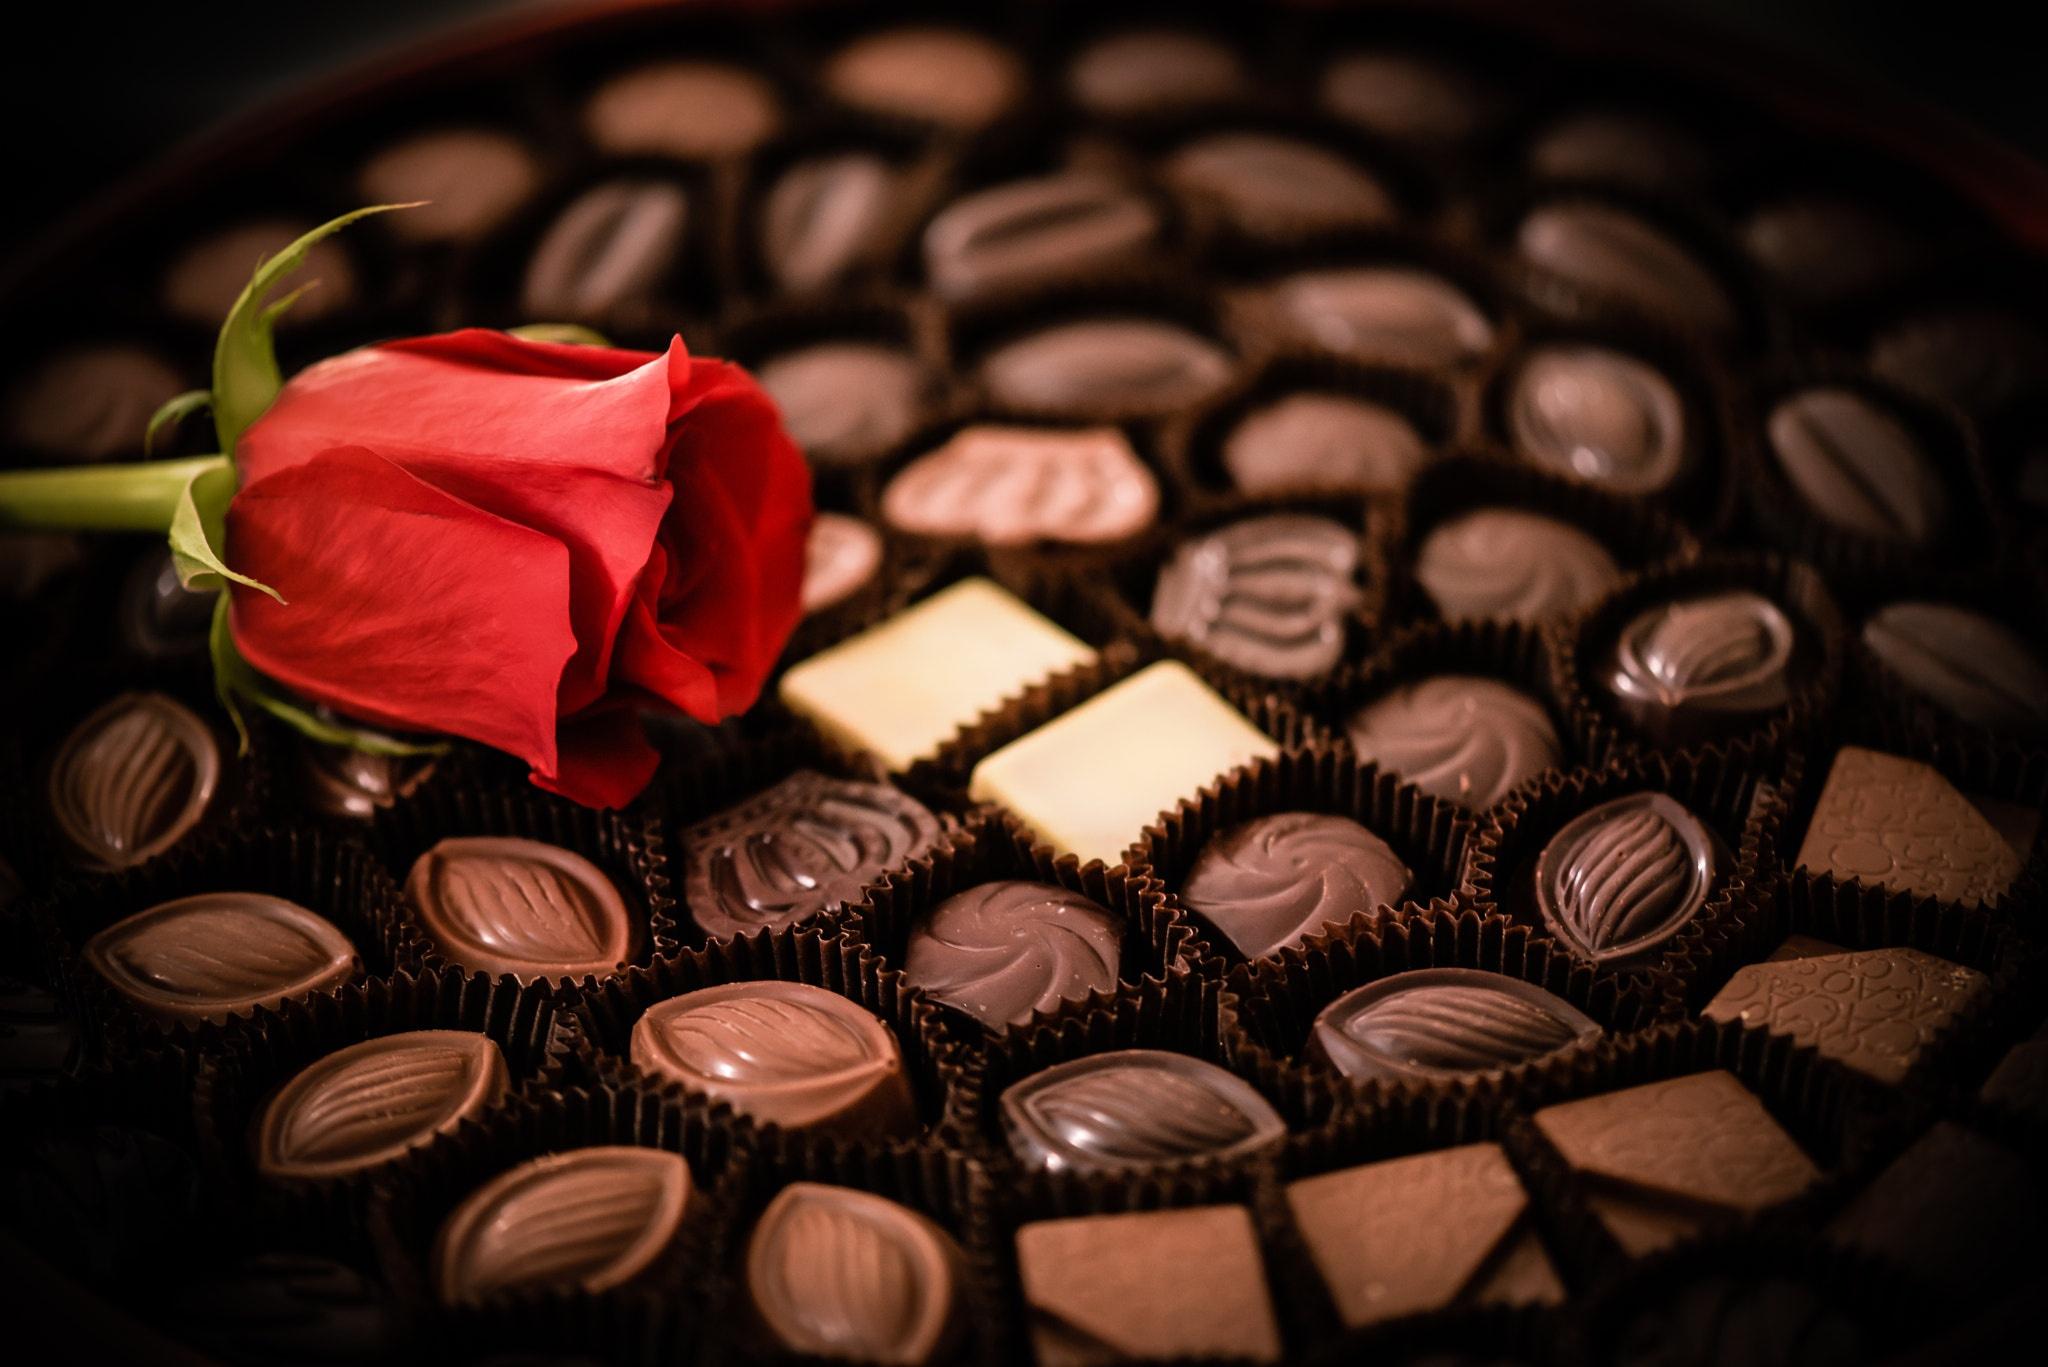 новые картинки с конфетами этому очень обрадовалась